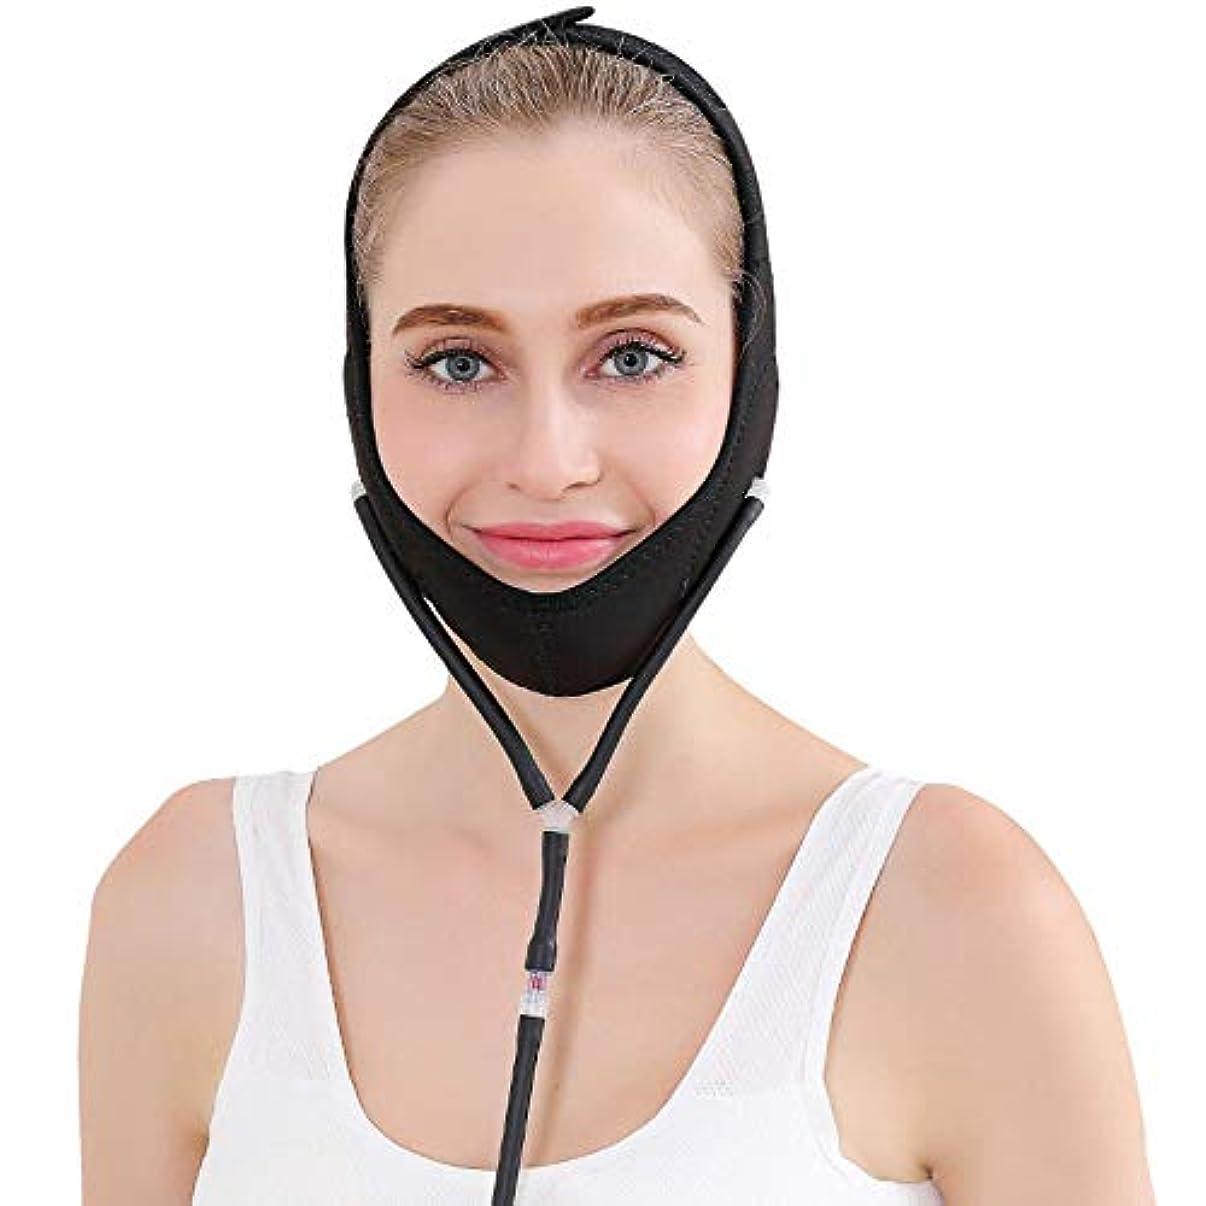 これまで傾向があるタワーエアプレスリフトアップベルトフェイスリフトマスクマッサージャーvラインチークチン痩身ベルトフェイスシェイパー用減量スキンケア美容ツール,Black